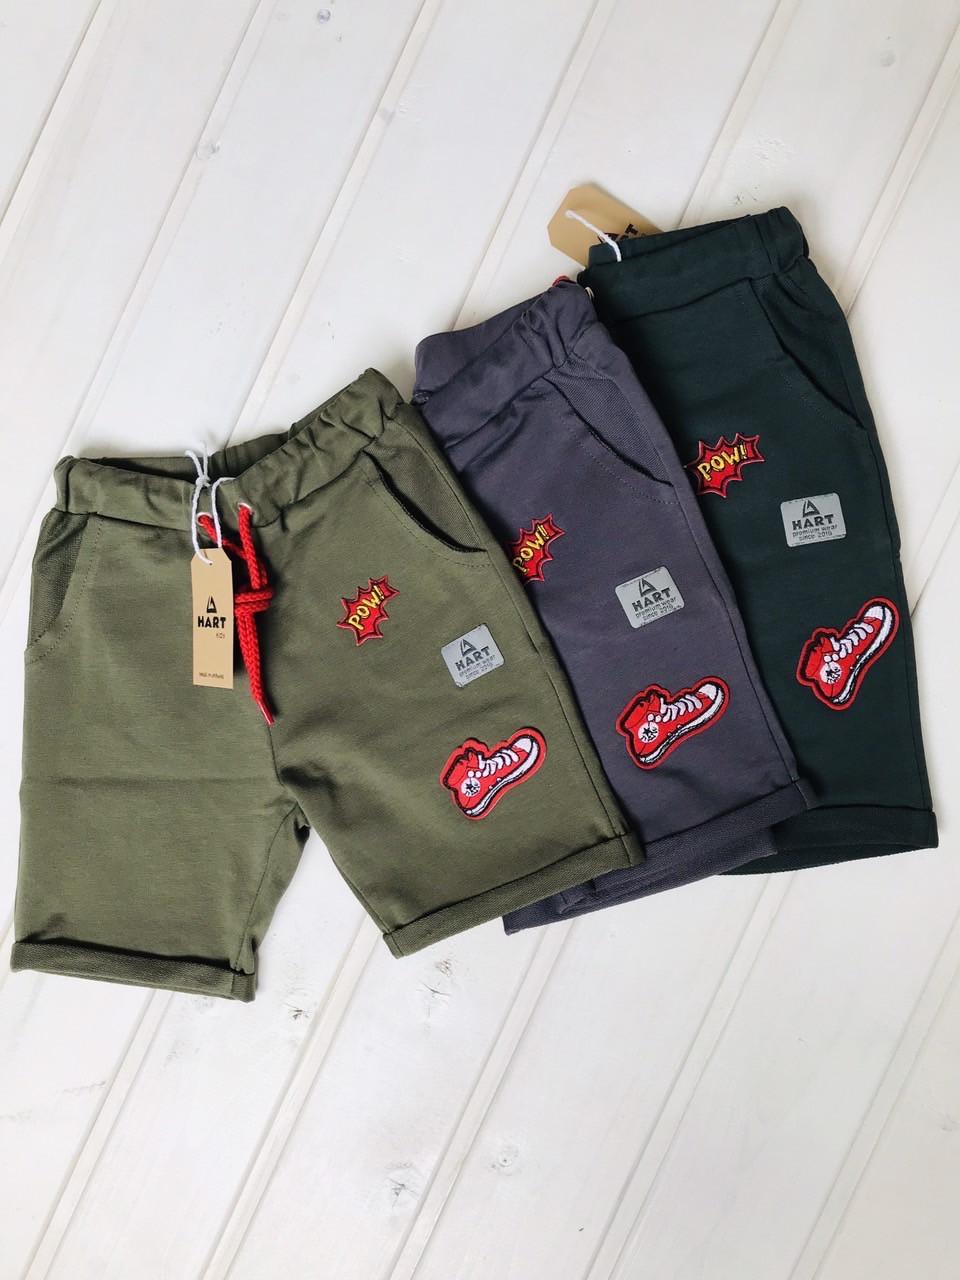 Шорты  для мальчика Konvers Hart (рост 98) цвет графит, хаки, зелёный (до колена)